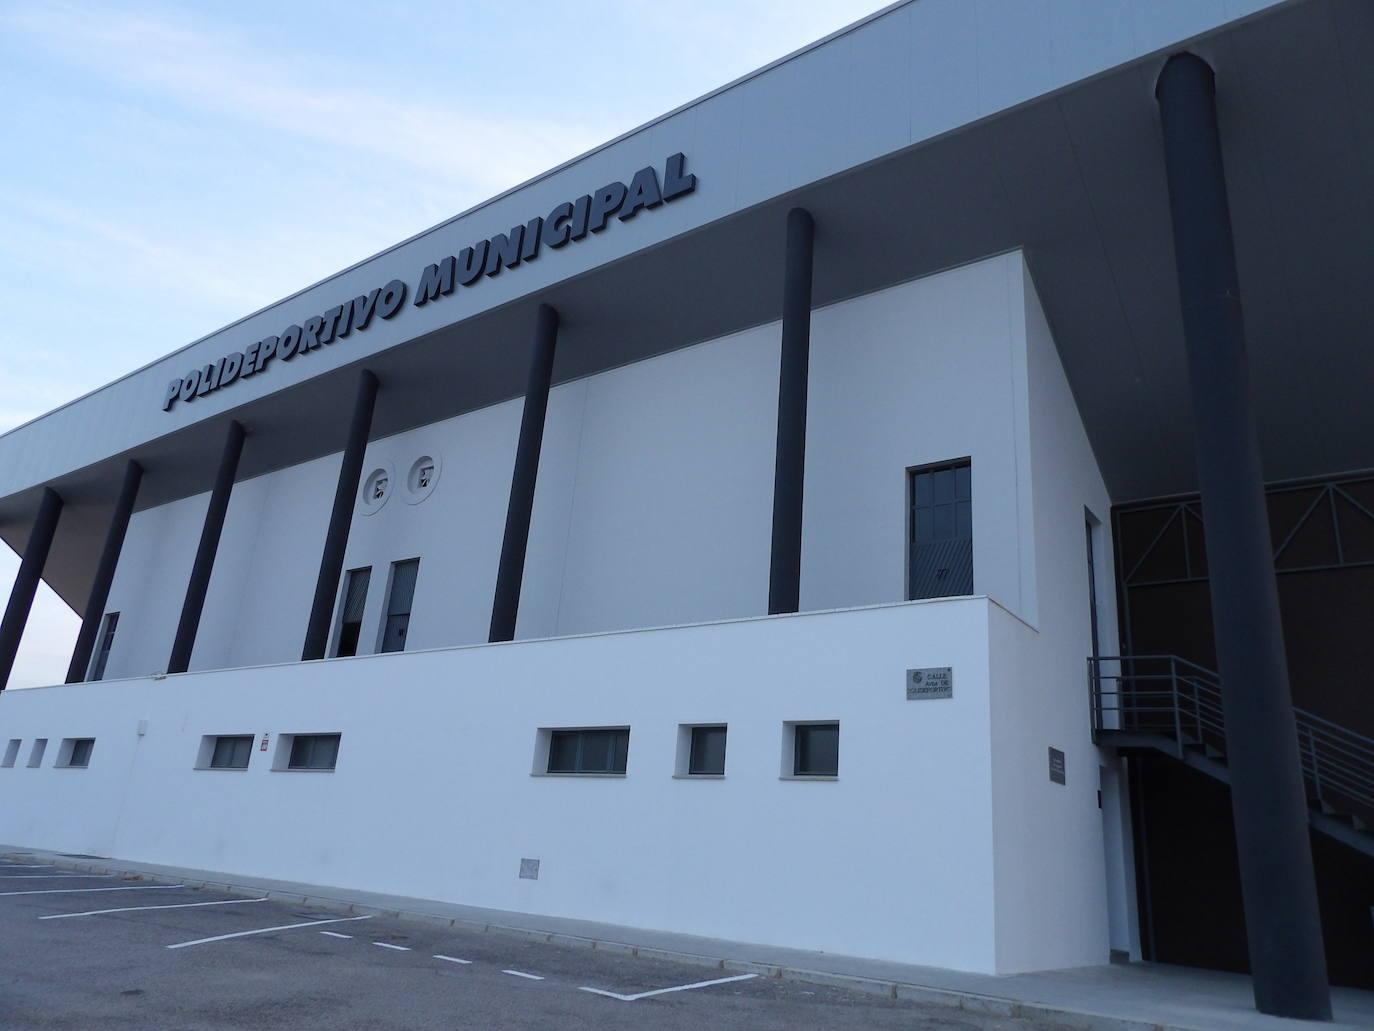 El pabellón municipal se inaugura hoy tras concluir la reforma integral